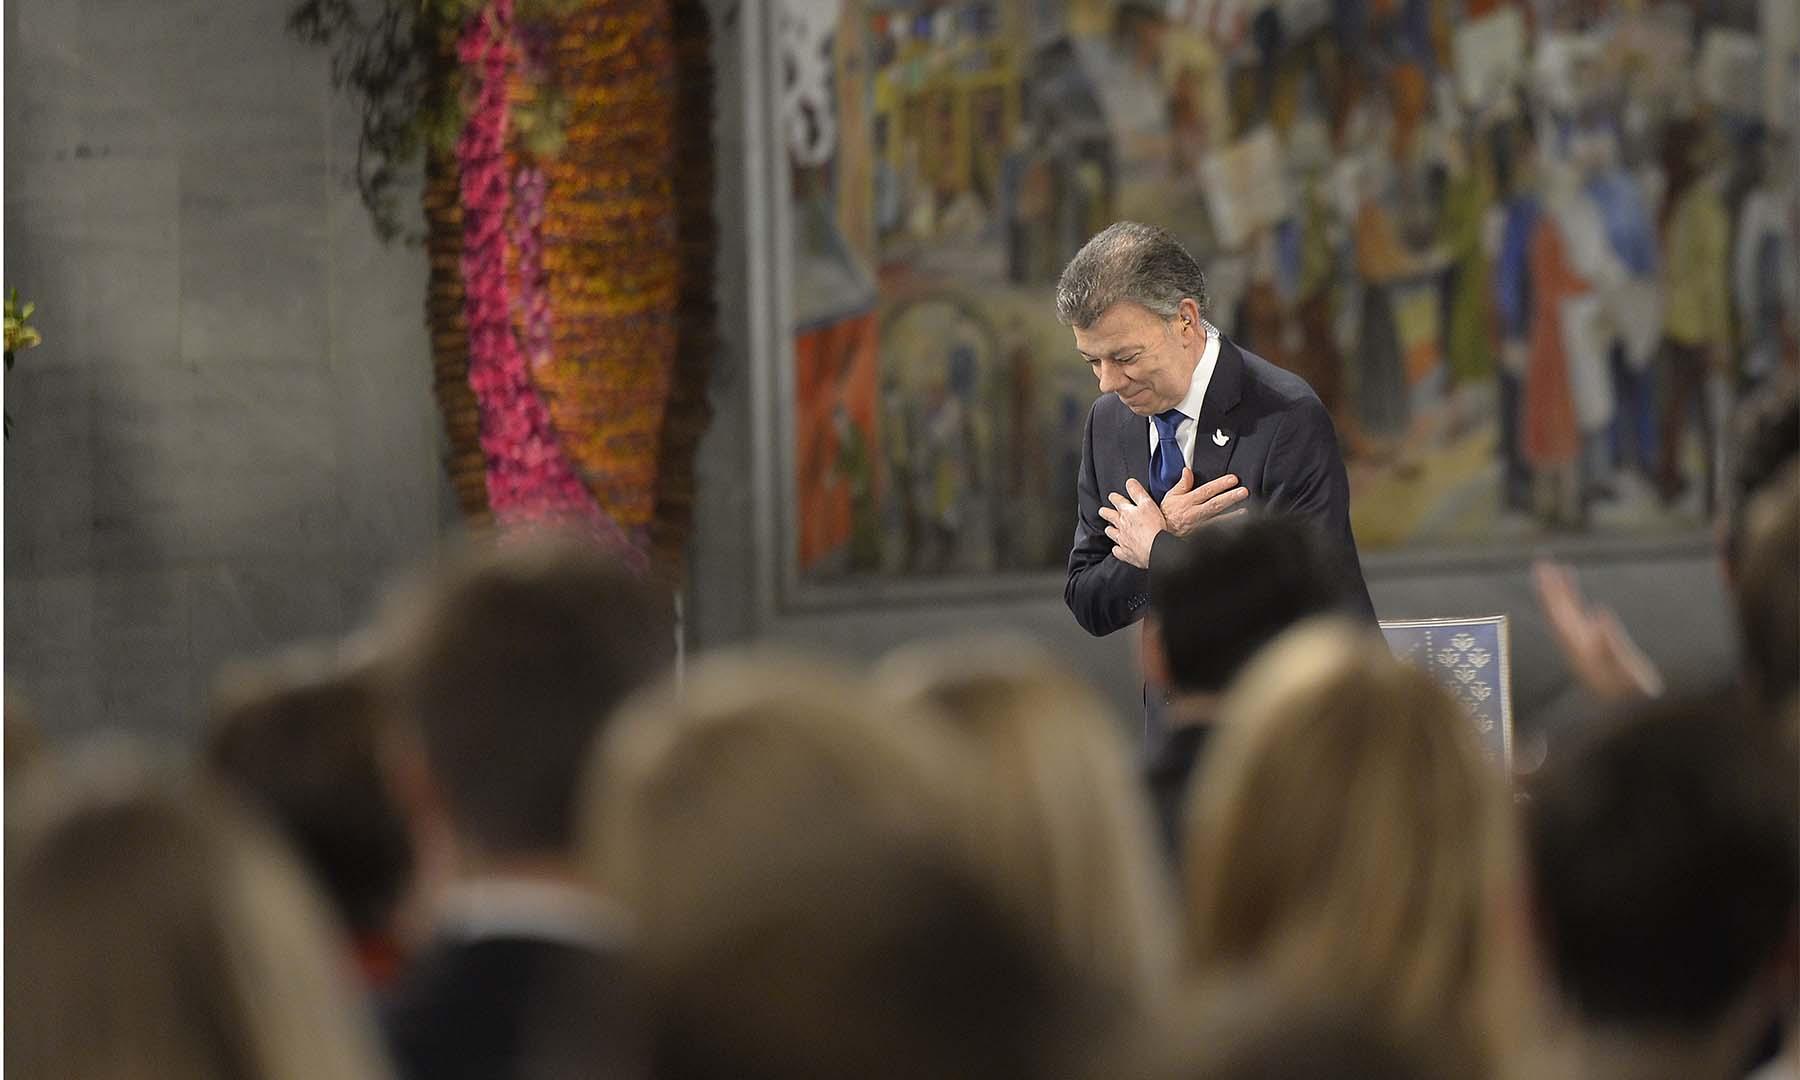 El Presidente Juan Manuel Santos recibe una ovación en Oslo luego de recibir el Premio Nobel de Paz 2016, por su incansable esfuerzo por llevar la reconciliación a los colombianos.